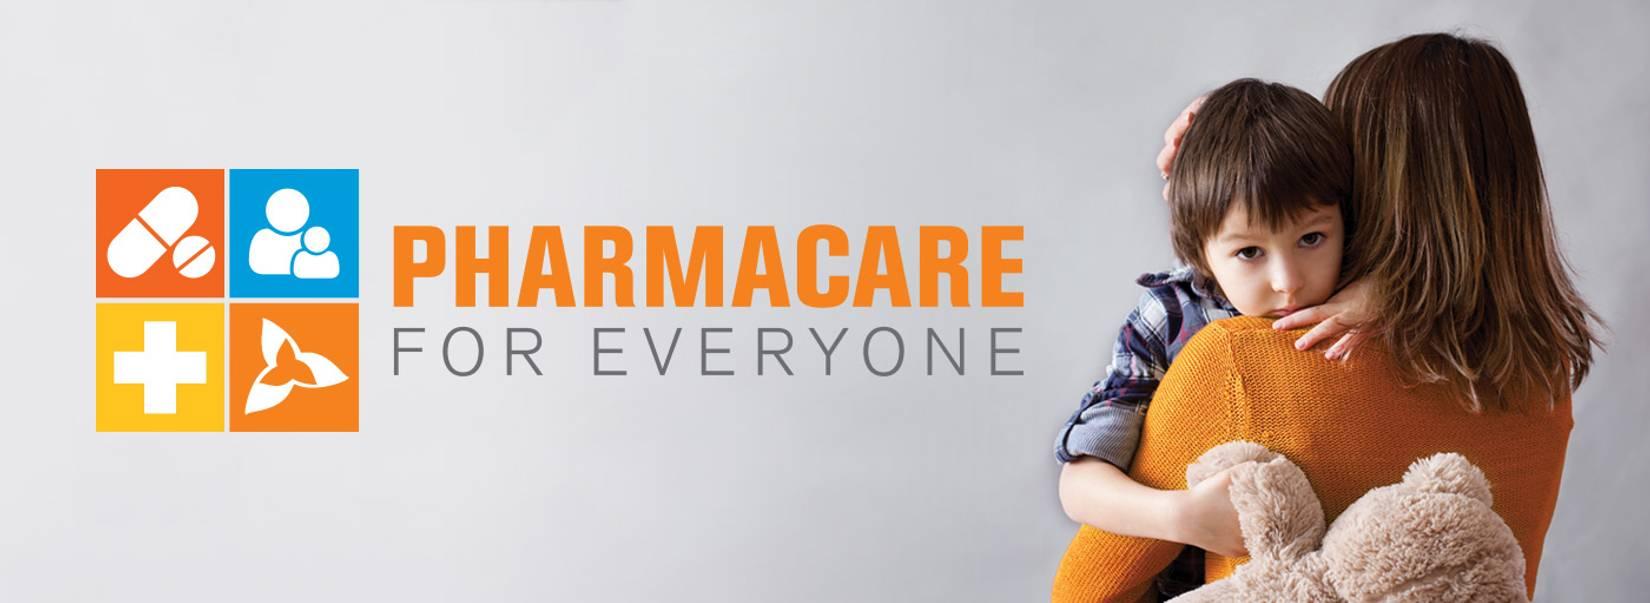 pharmacare-website-banner.jpg